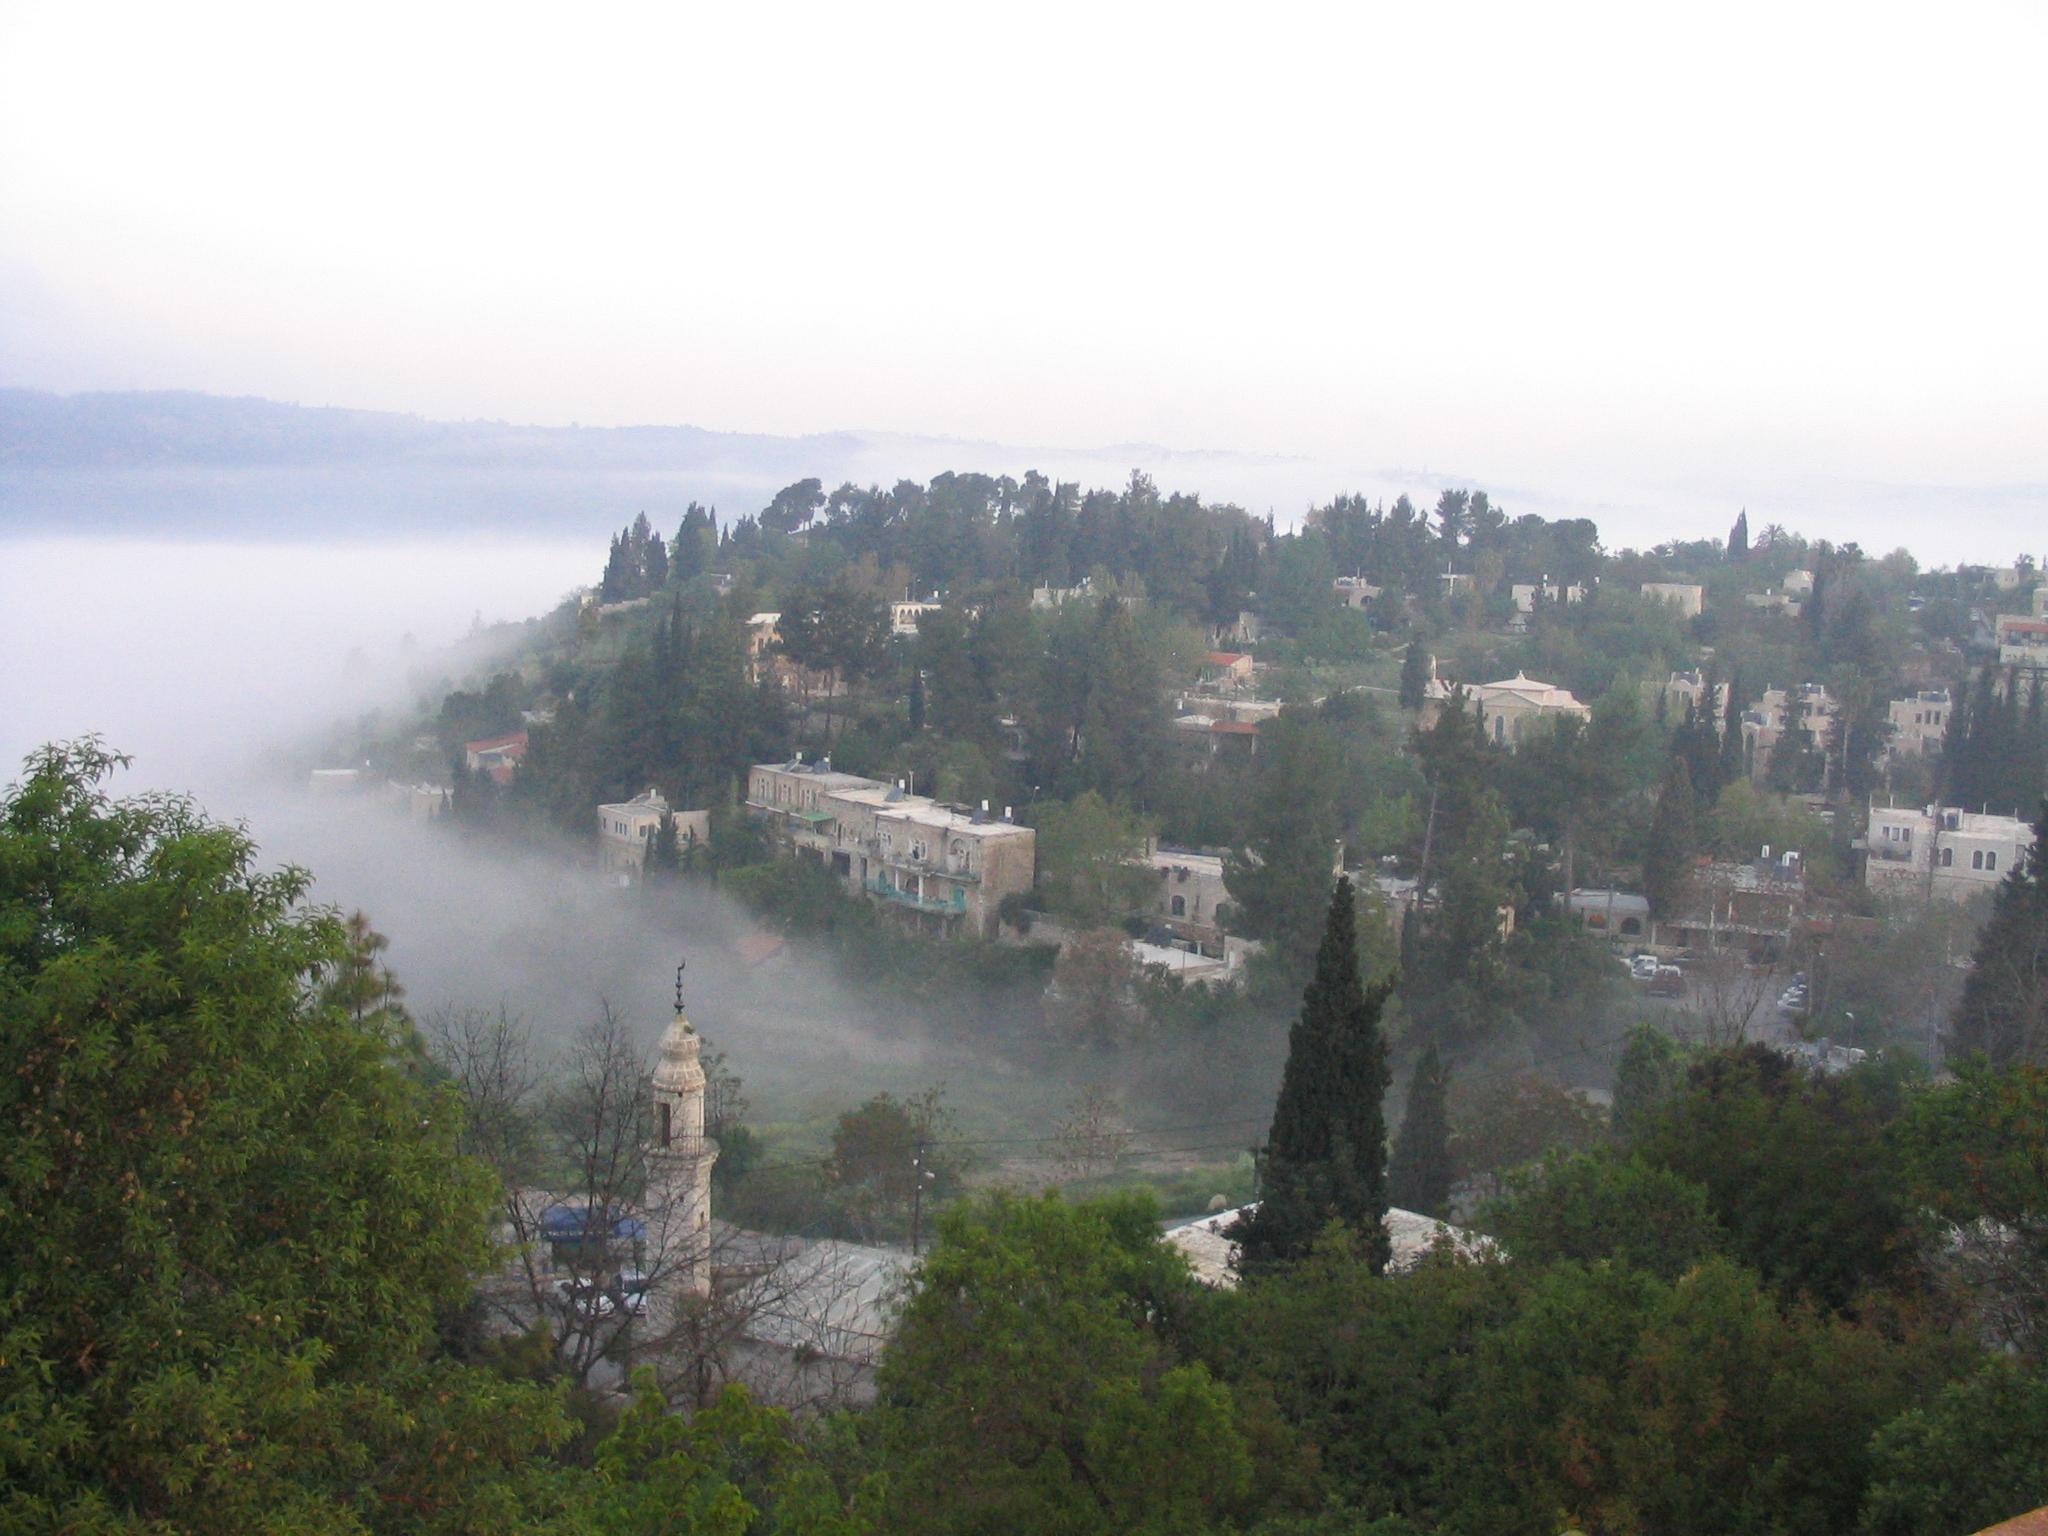 Fog settles in the valleys of Ein Karem, Jerusalem one early morning.